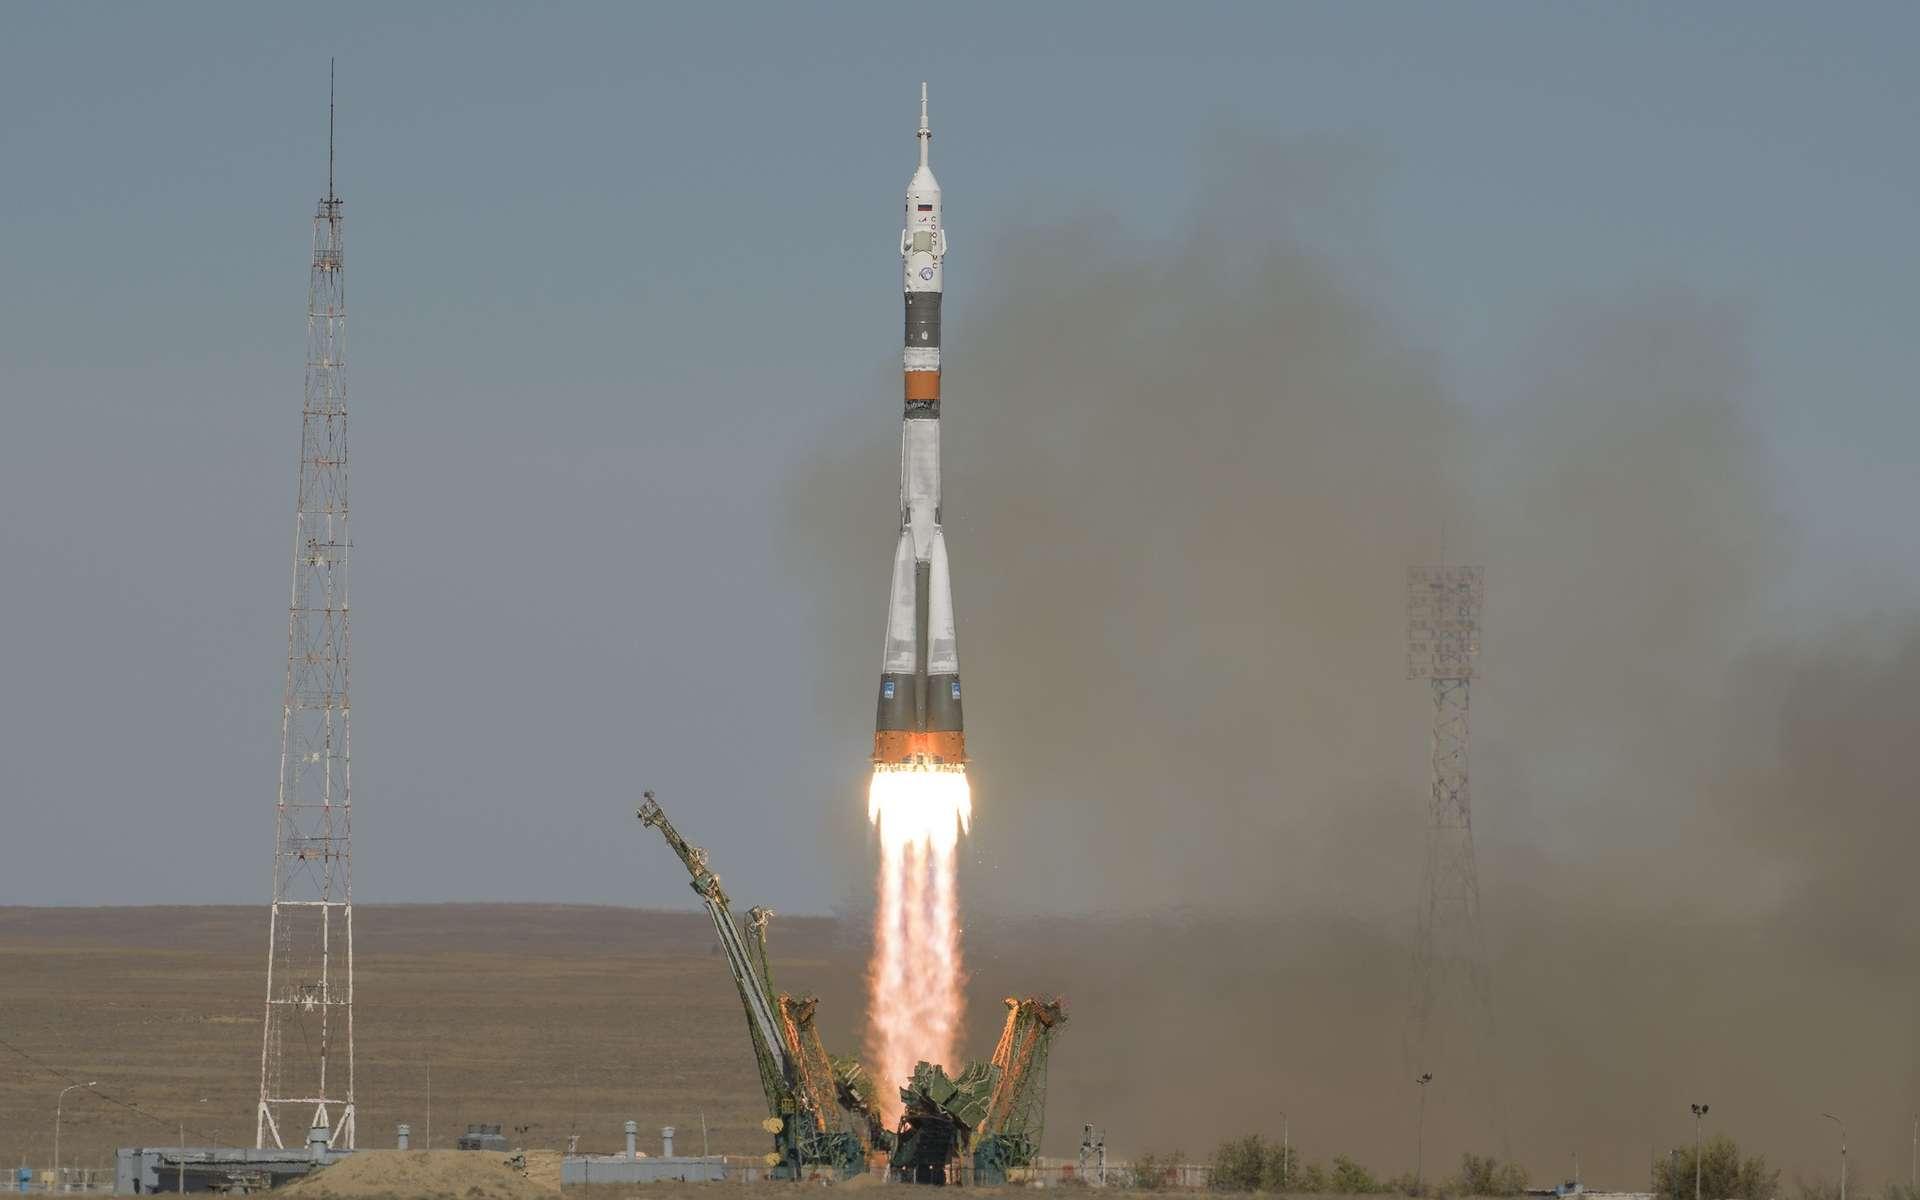 Soyouz partait du cosmodrome de Baïkonour, au Kazakhstan. © Bill Ingalls, NASA